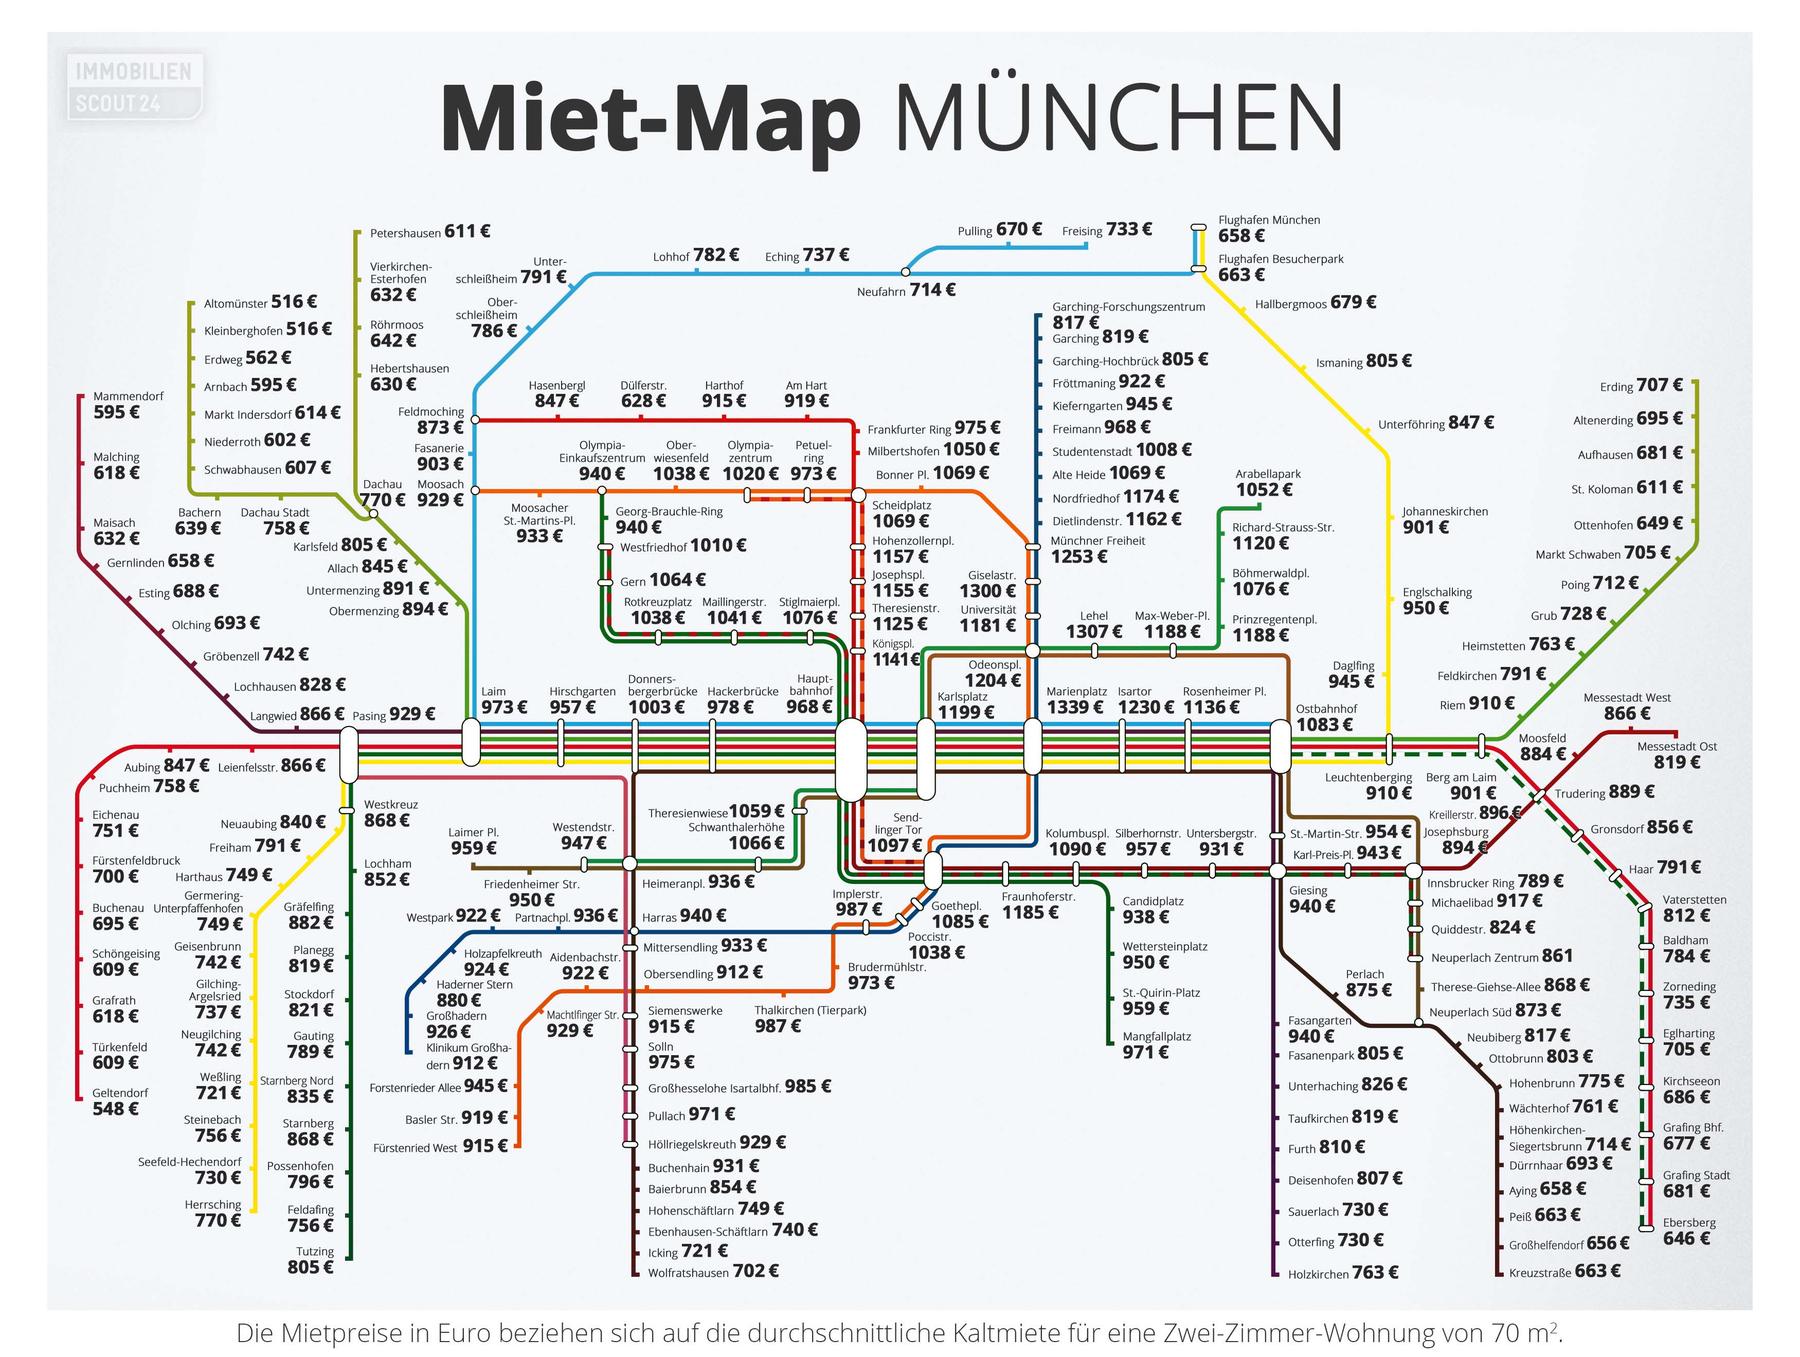 Mvv Karte.Mietpreise In München Im Mvv Netz Miet Fahrplan München